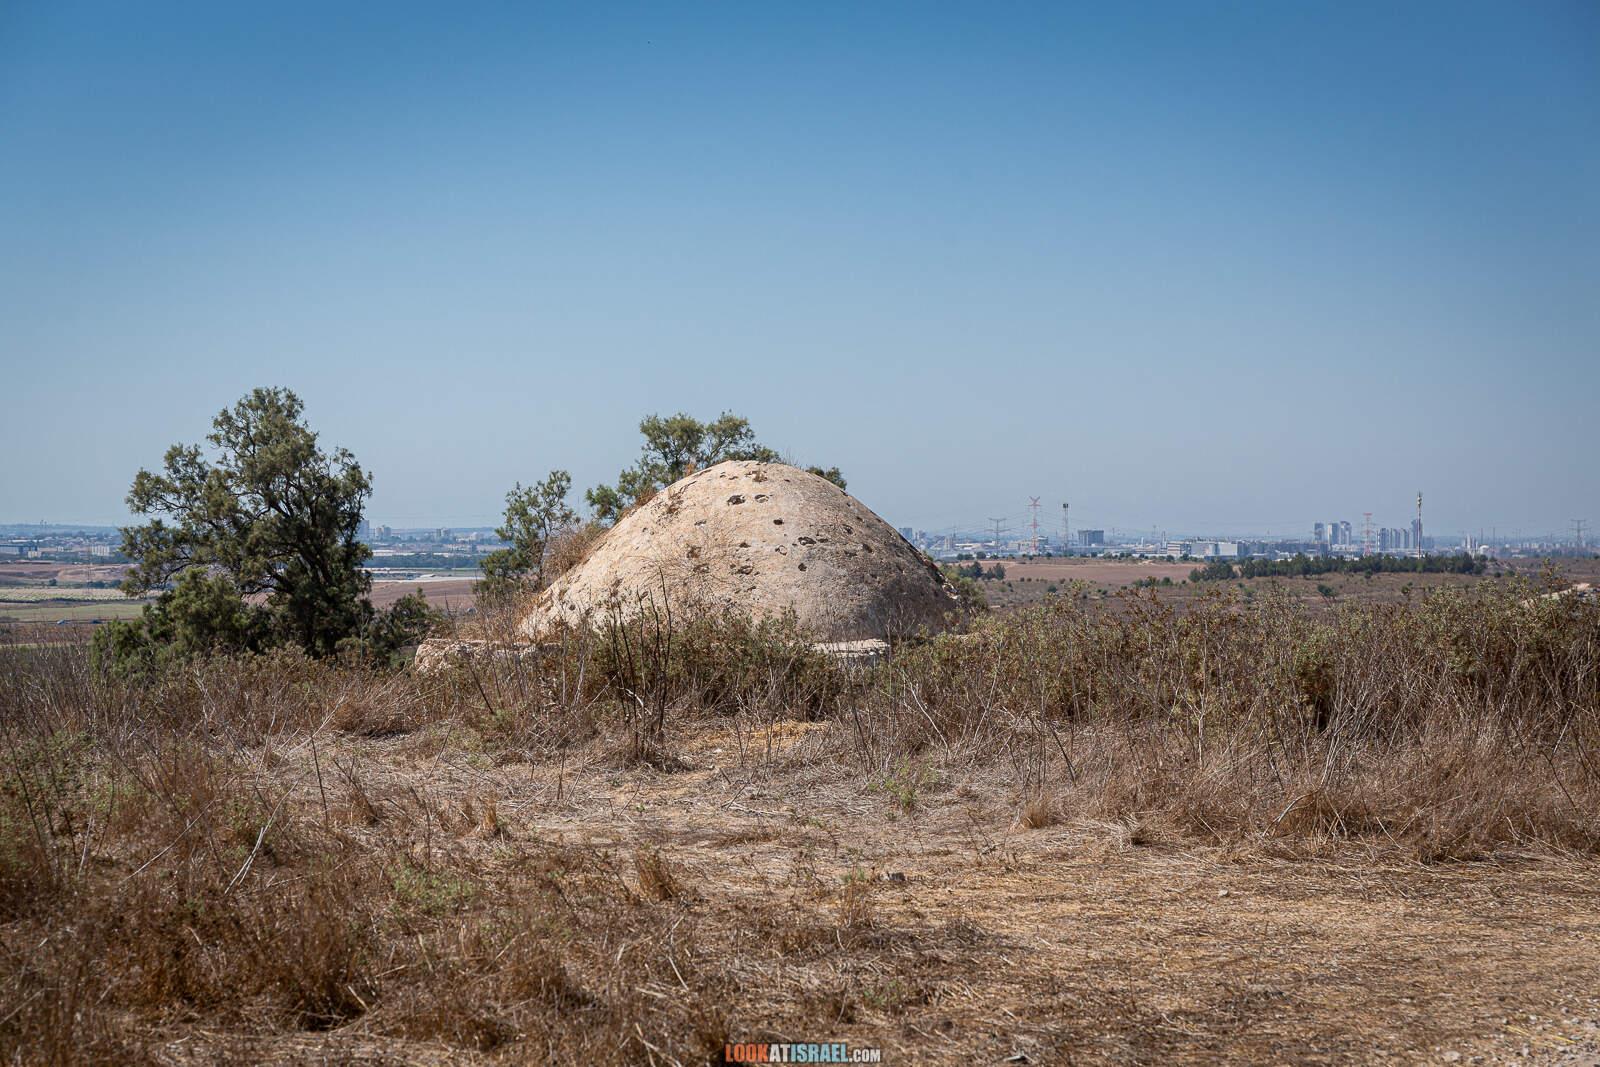 Округ Лахиш - пещеры, леса и ручей Адораим | LookAtIsrael.com - Фото путешествия по Израилю